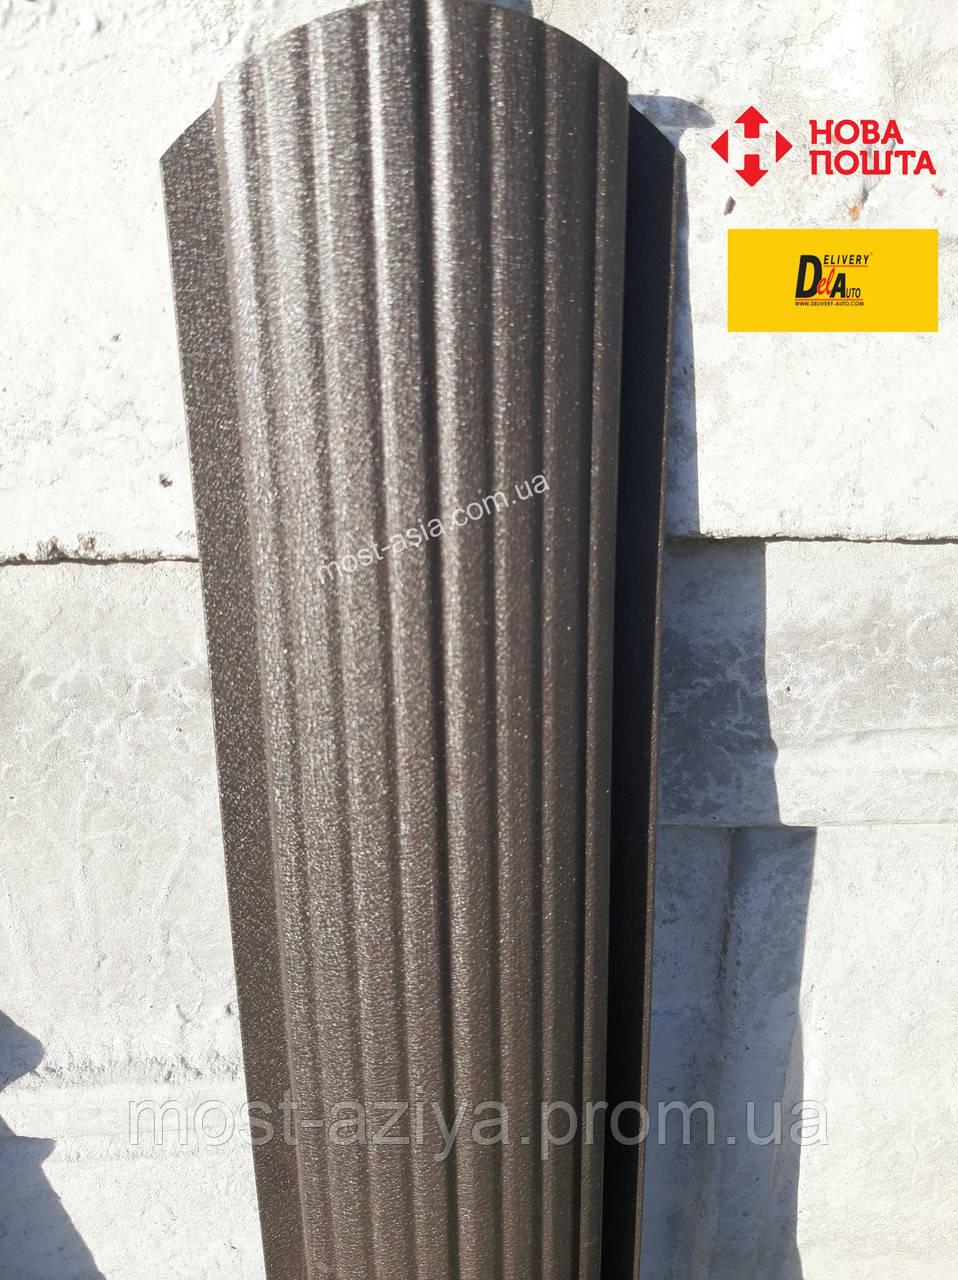 Штакет темно-коричневый матовый двухсторонний, Металлический штакетник RAL8019 PEMA, Забор из евроштакета